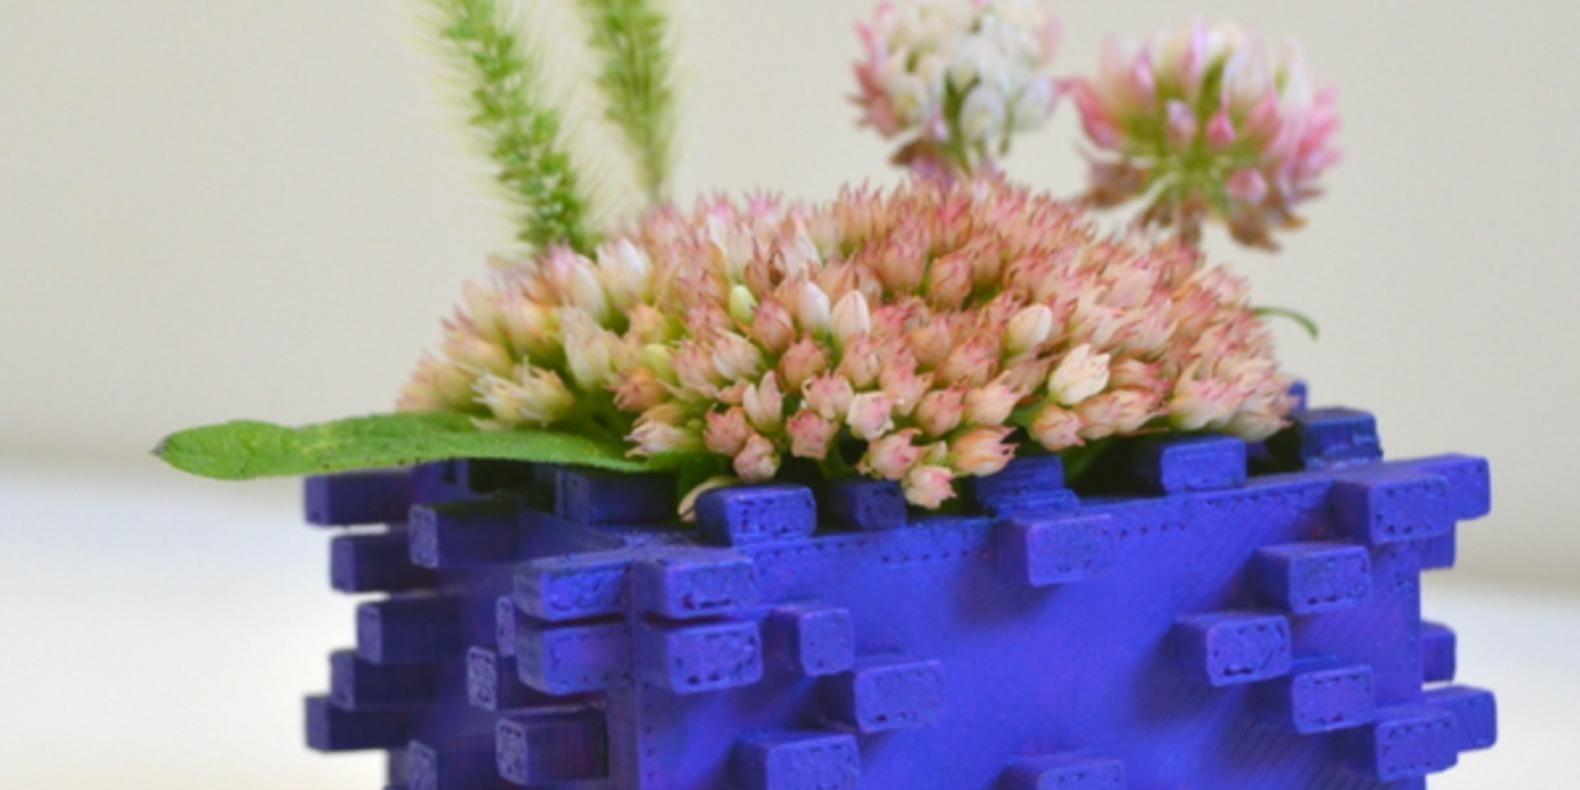 Mathematica flower pot de fleur imprimé en 3D 3D printed fichier STL cults 3